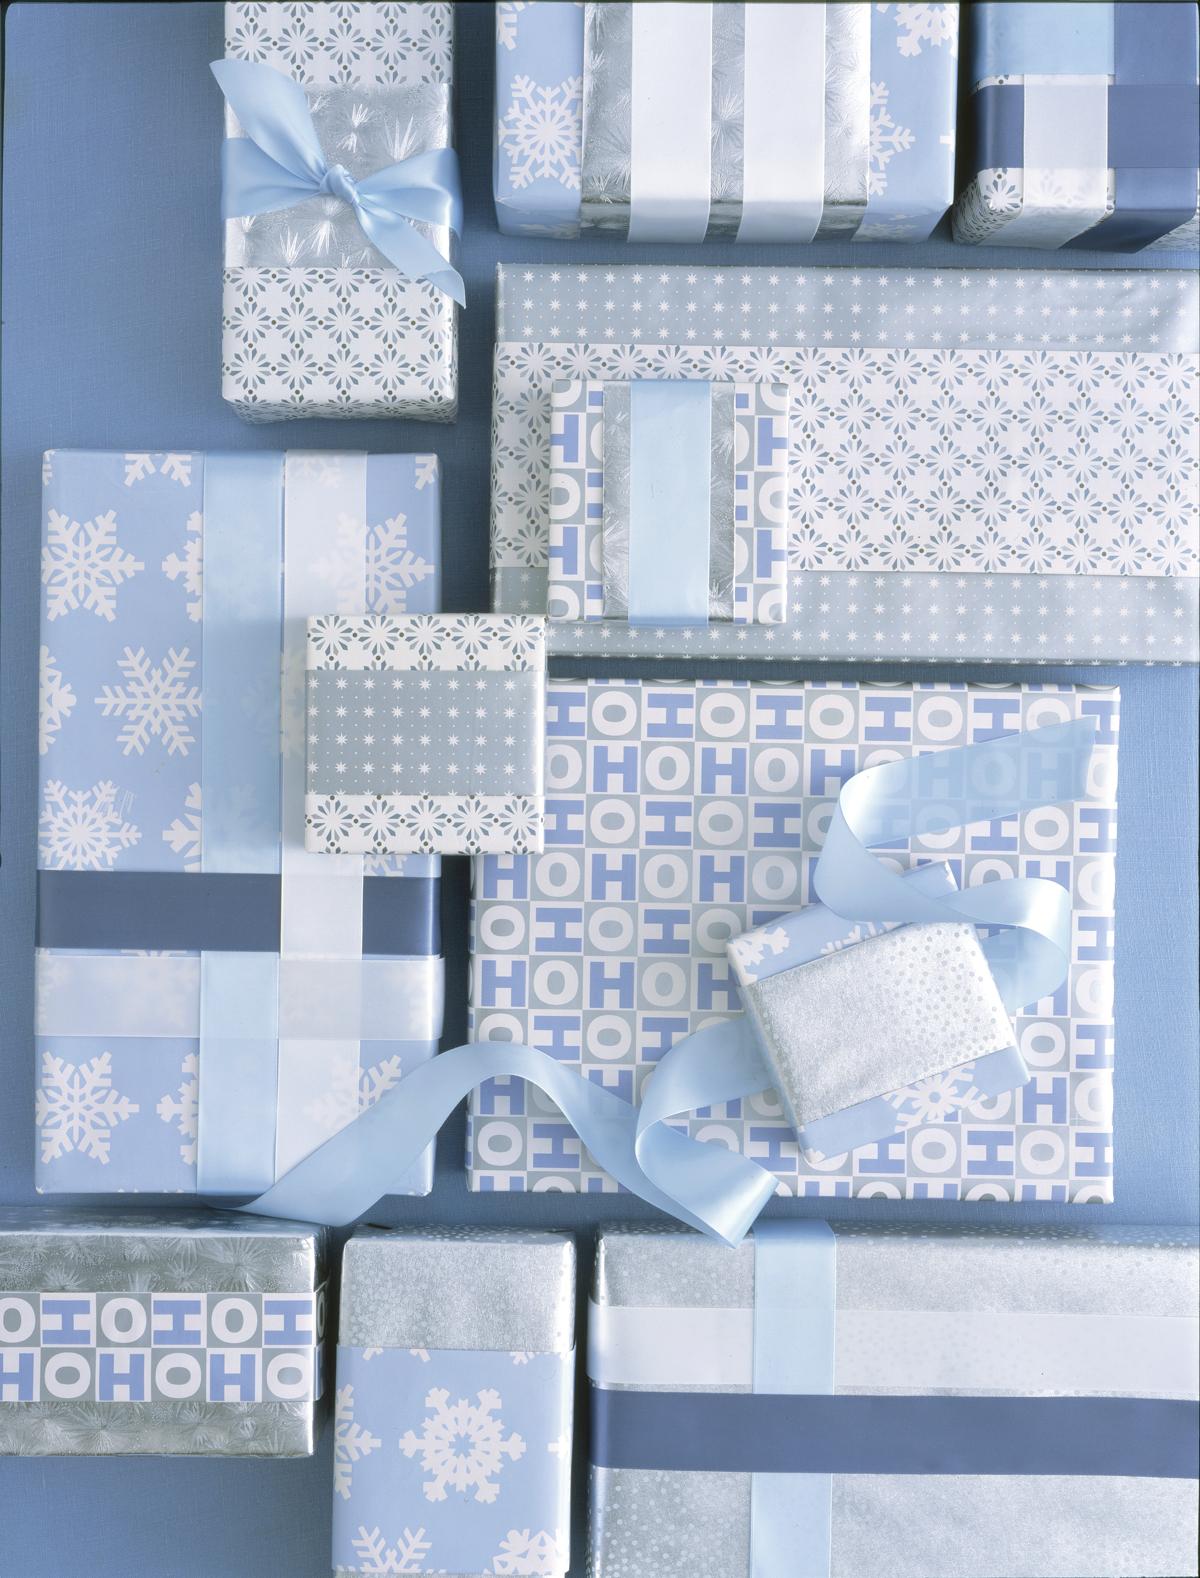 """Martha Stewart Everyday """"HOHOHO"""" giftwrap, 2003. Prop styling: Lorna Aragon & Edward Gallagher."""